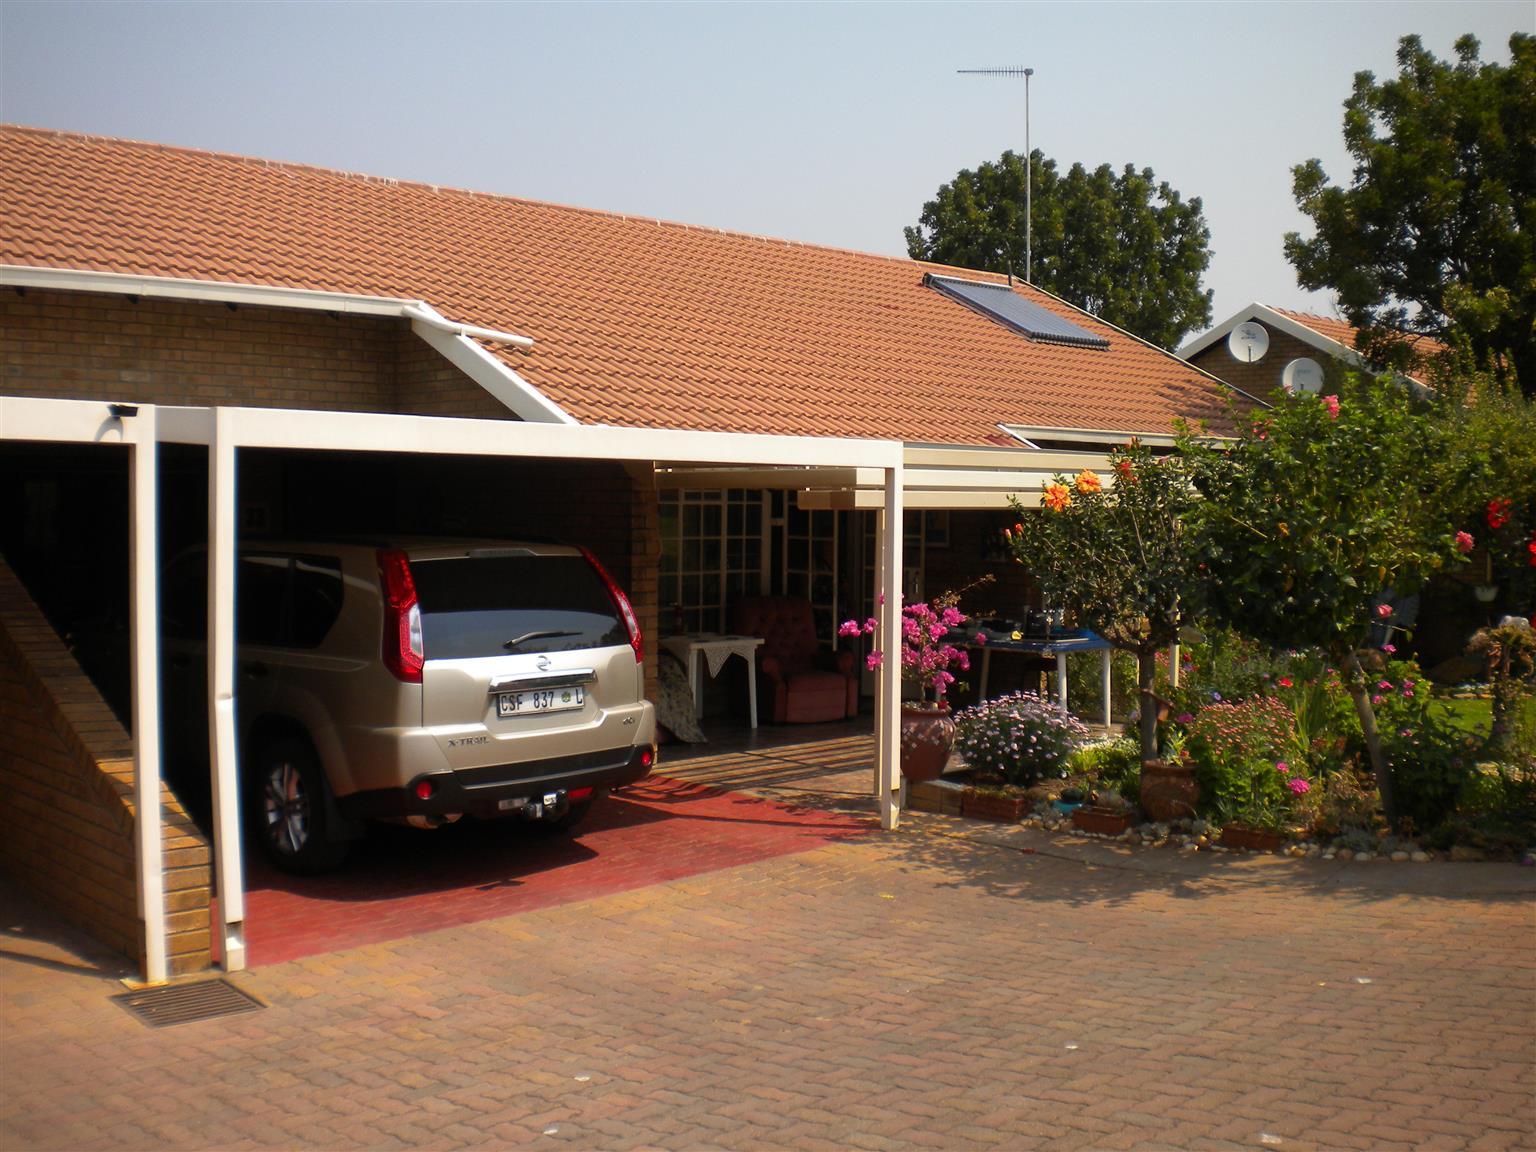 retirement home for sale. Bela Bela.